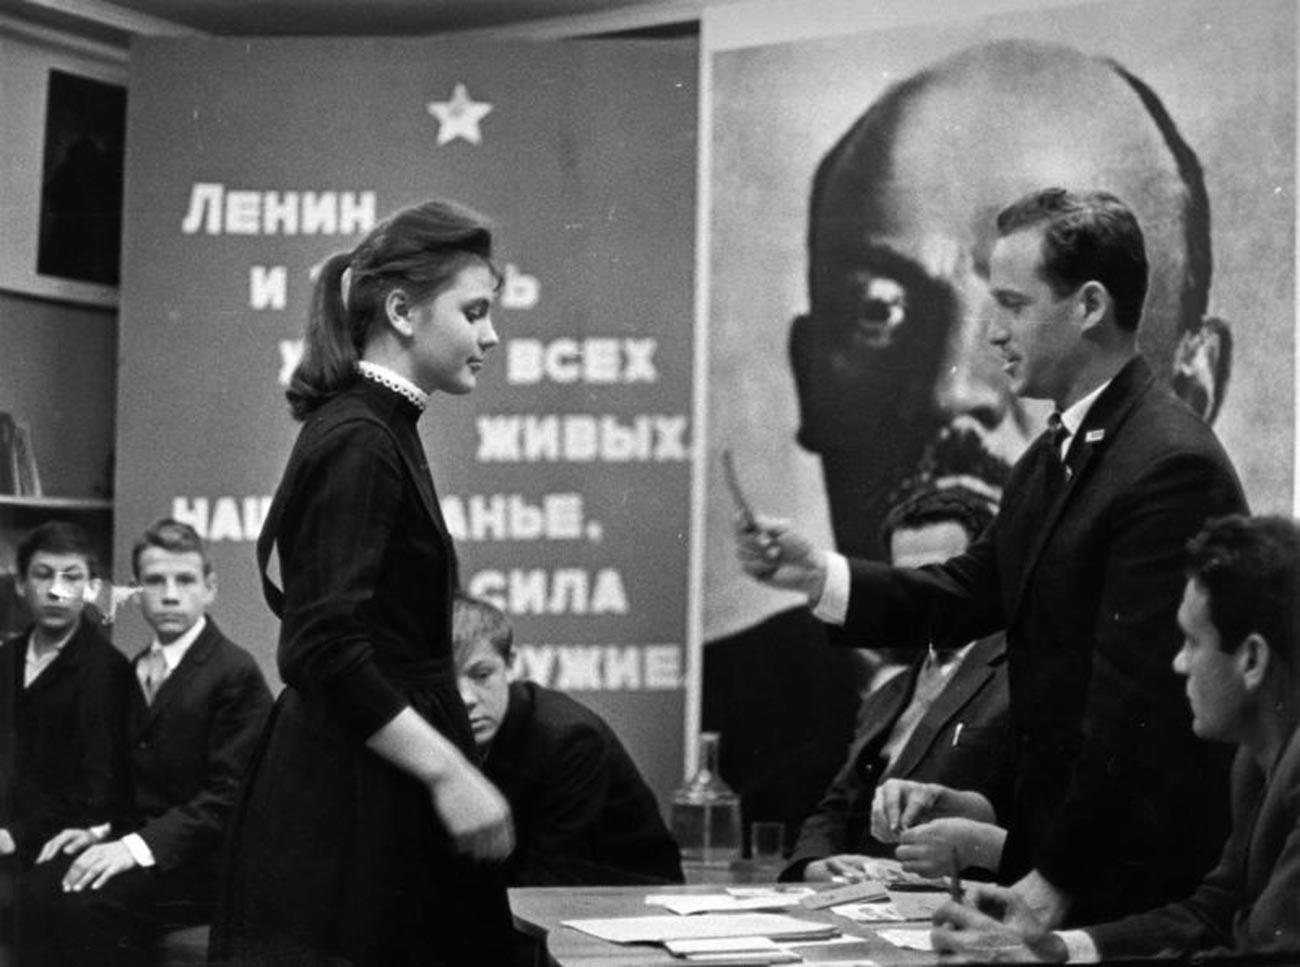 La consegna del documento che attesa l'adesione al Komsomol